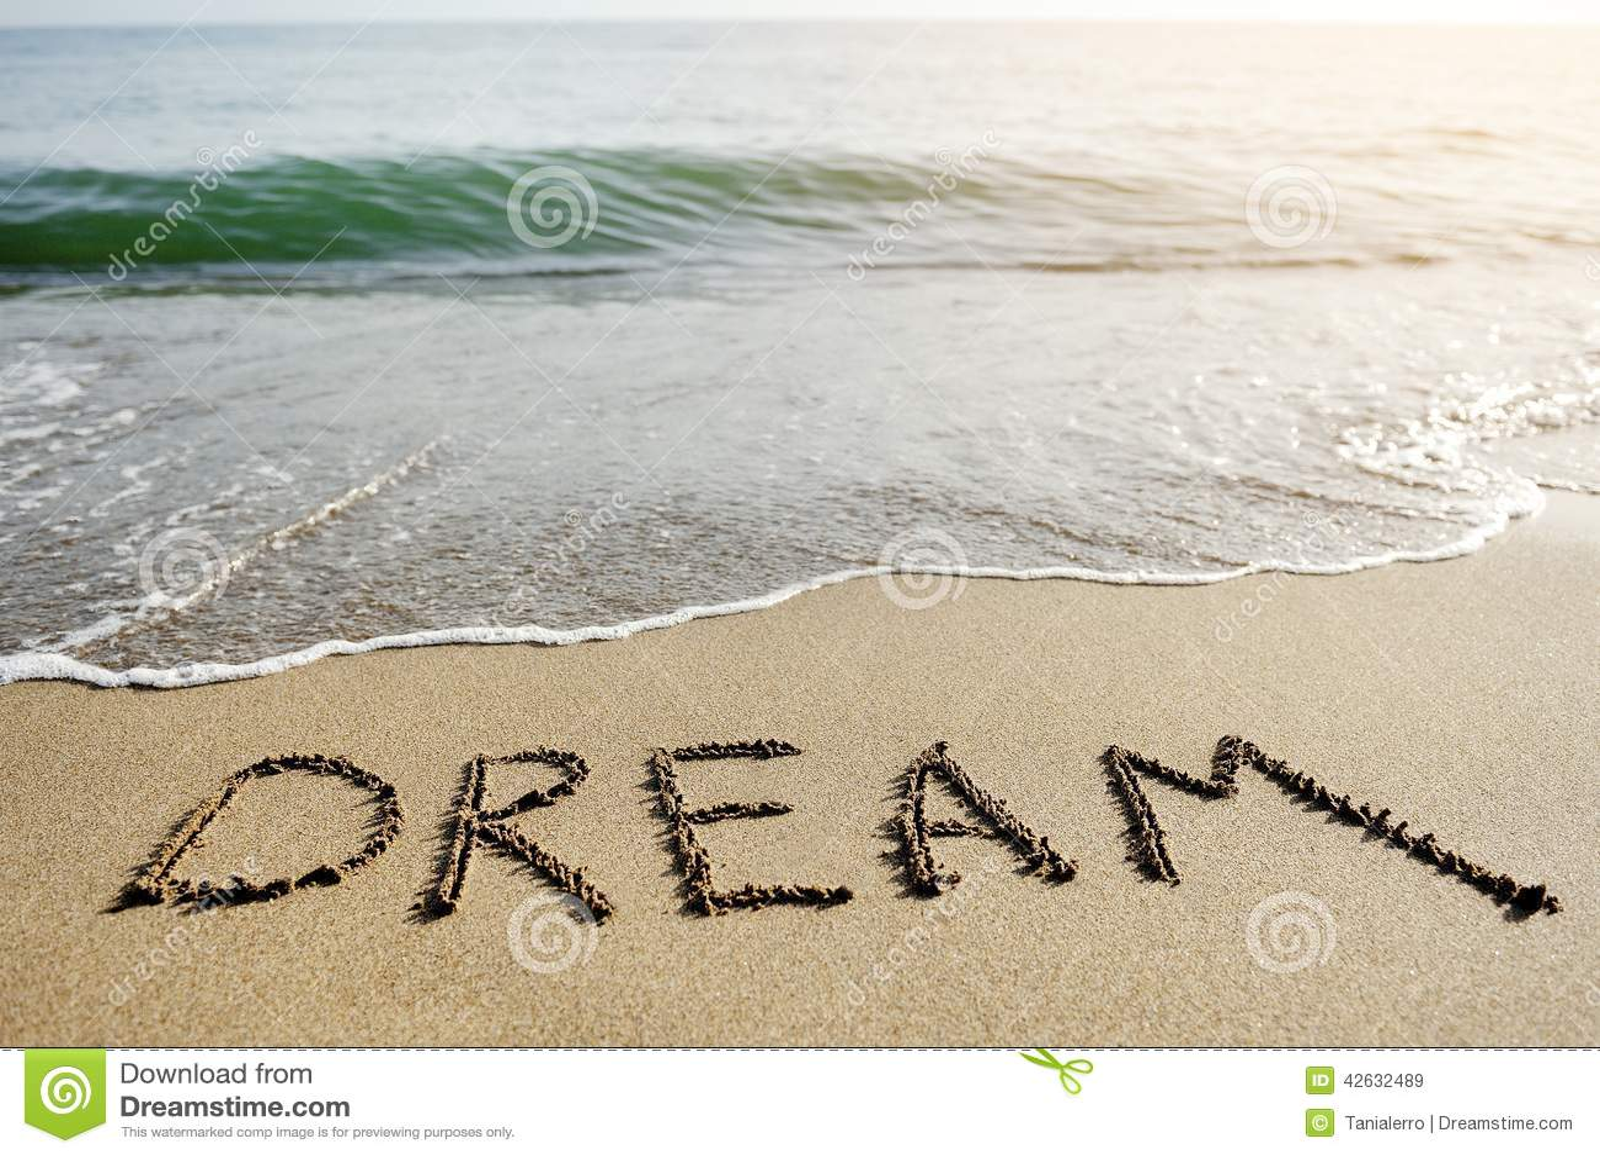 Palabras Escritas En La Arena De La: Palabra Ideal Escrita En La Arena De La Playa